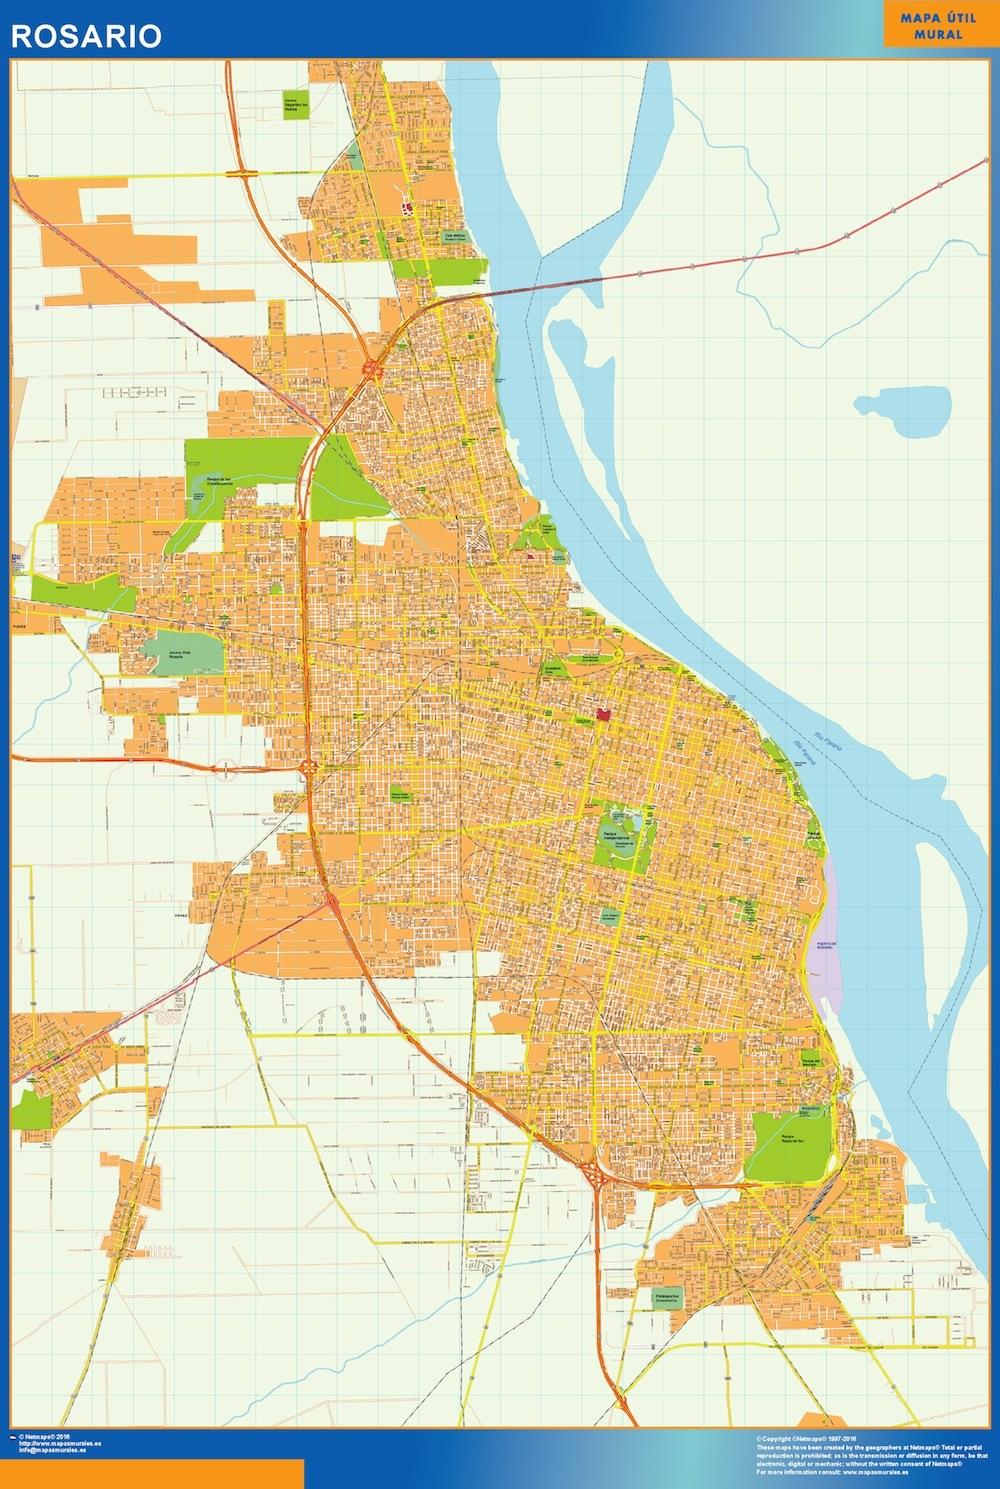 Mapa Rosario en Argentina plastificado gigante